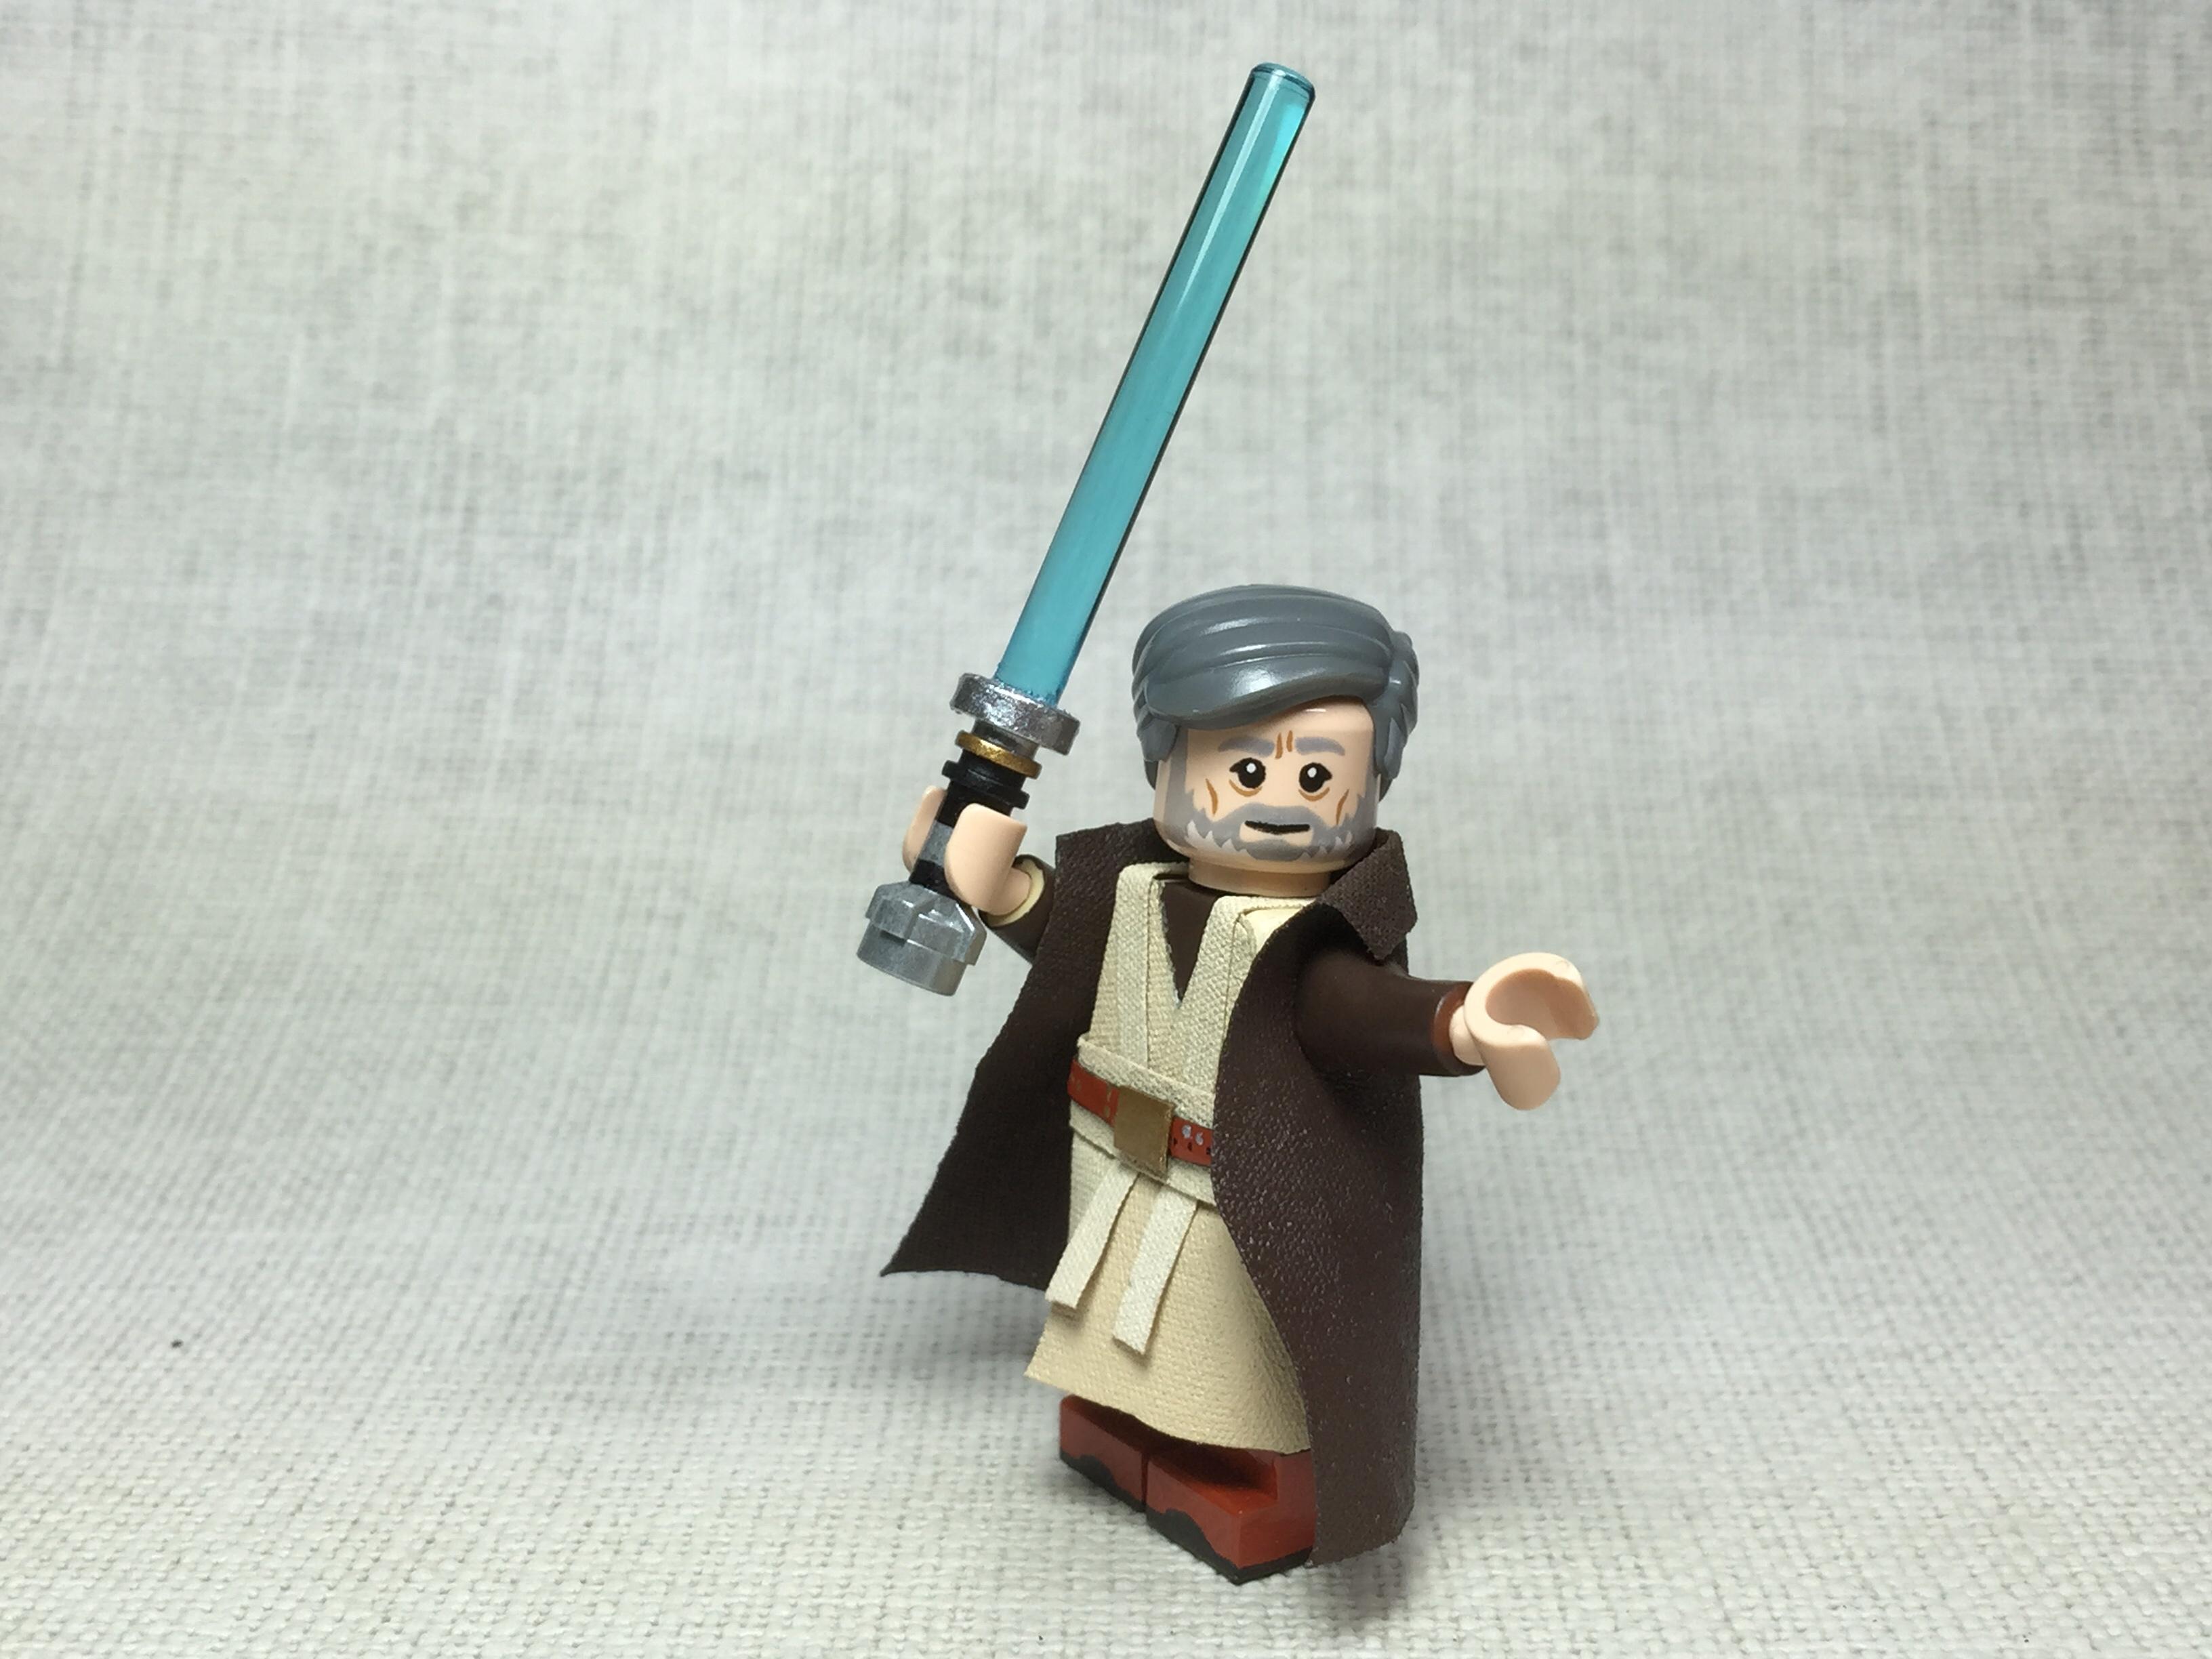 Wallpaper Lego Star Wars Jedi Obi Wan Light Saber Minifigs Custom 3264x2448 680596 Hd Wallpapers Wallhere